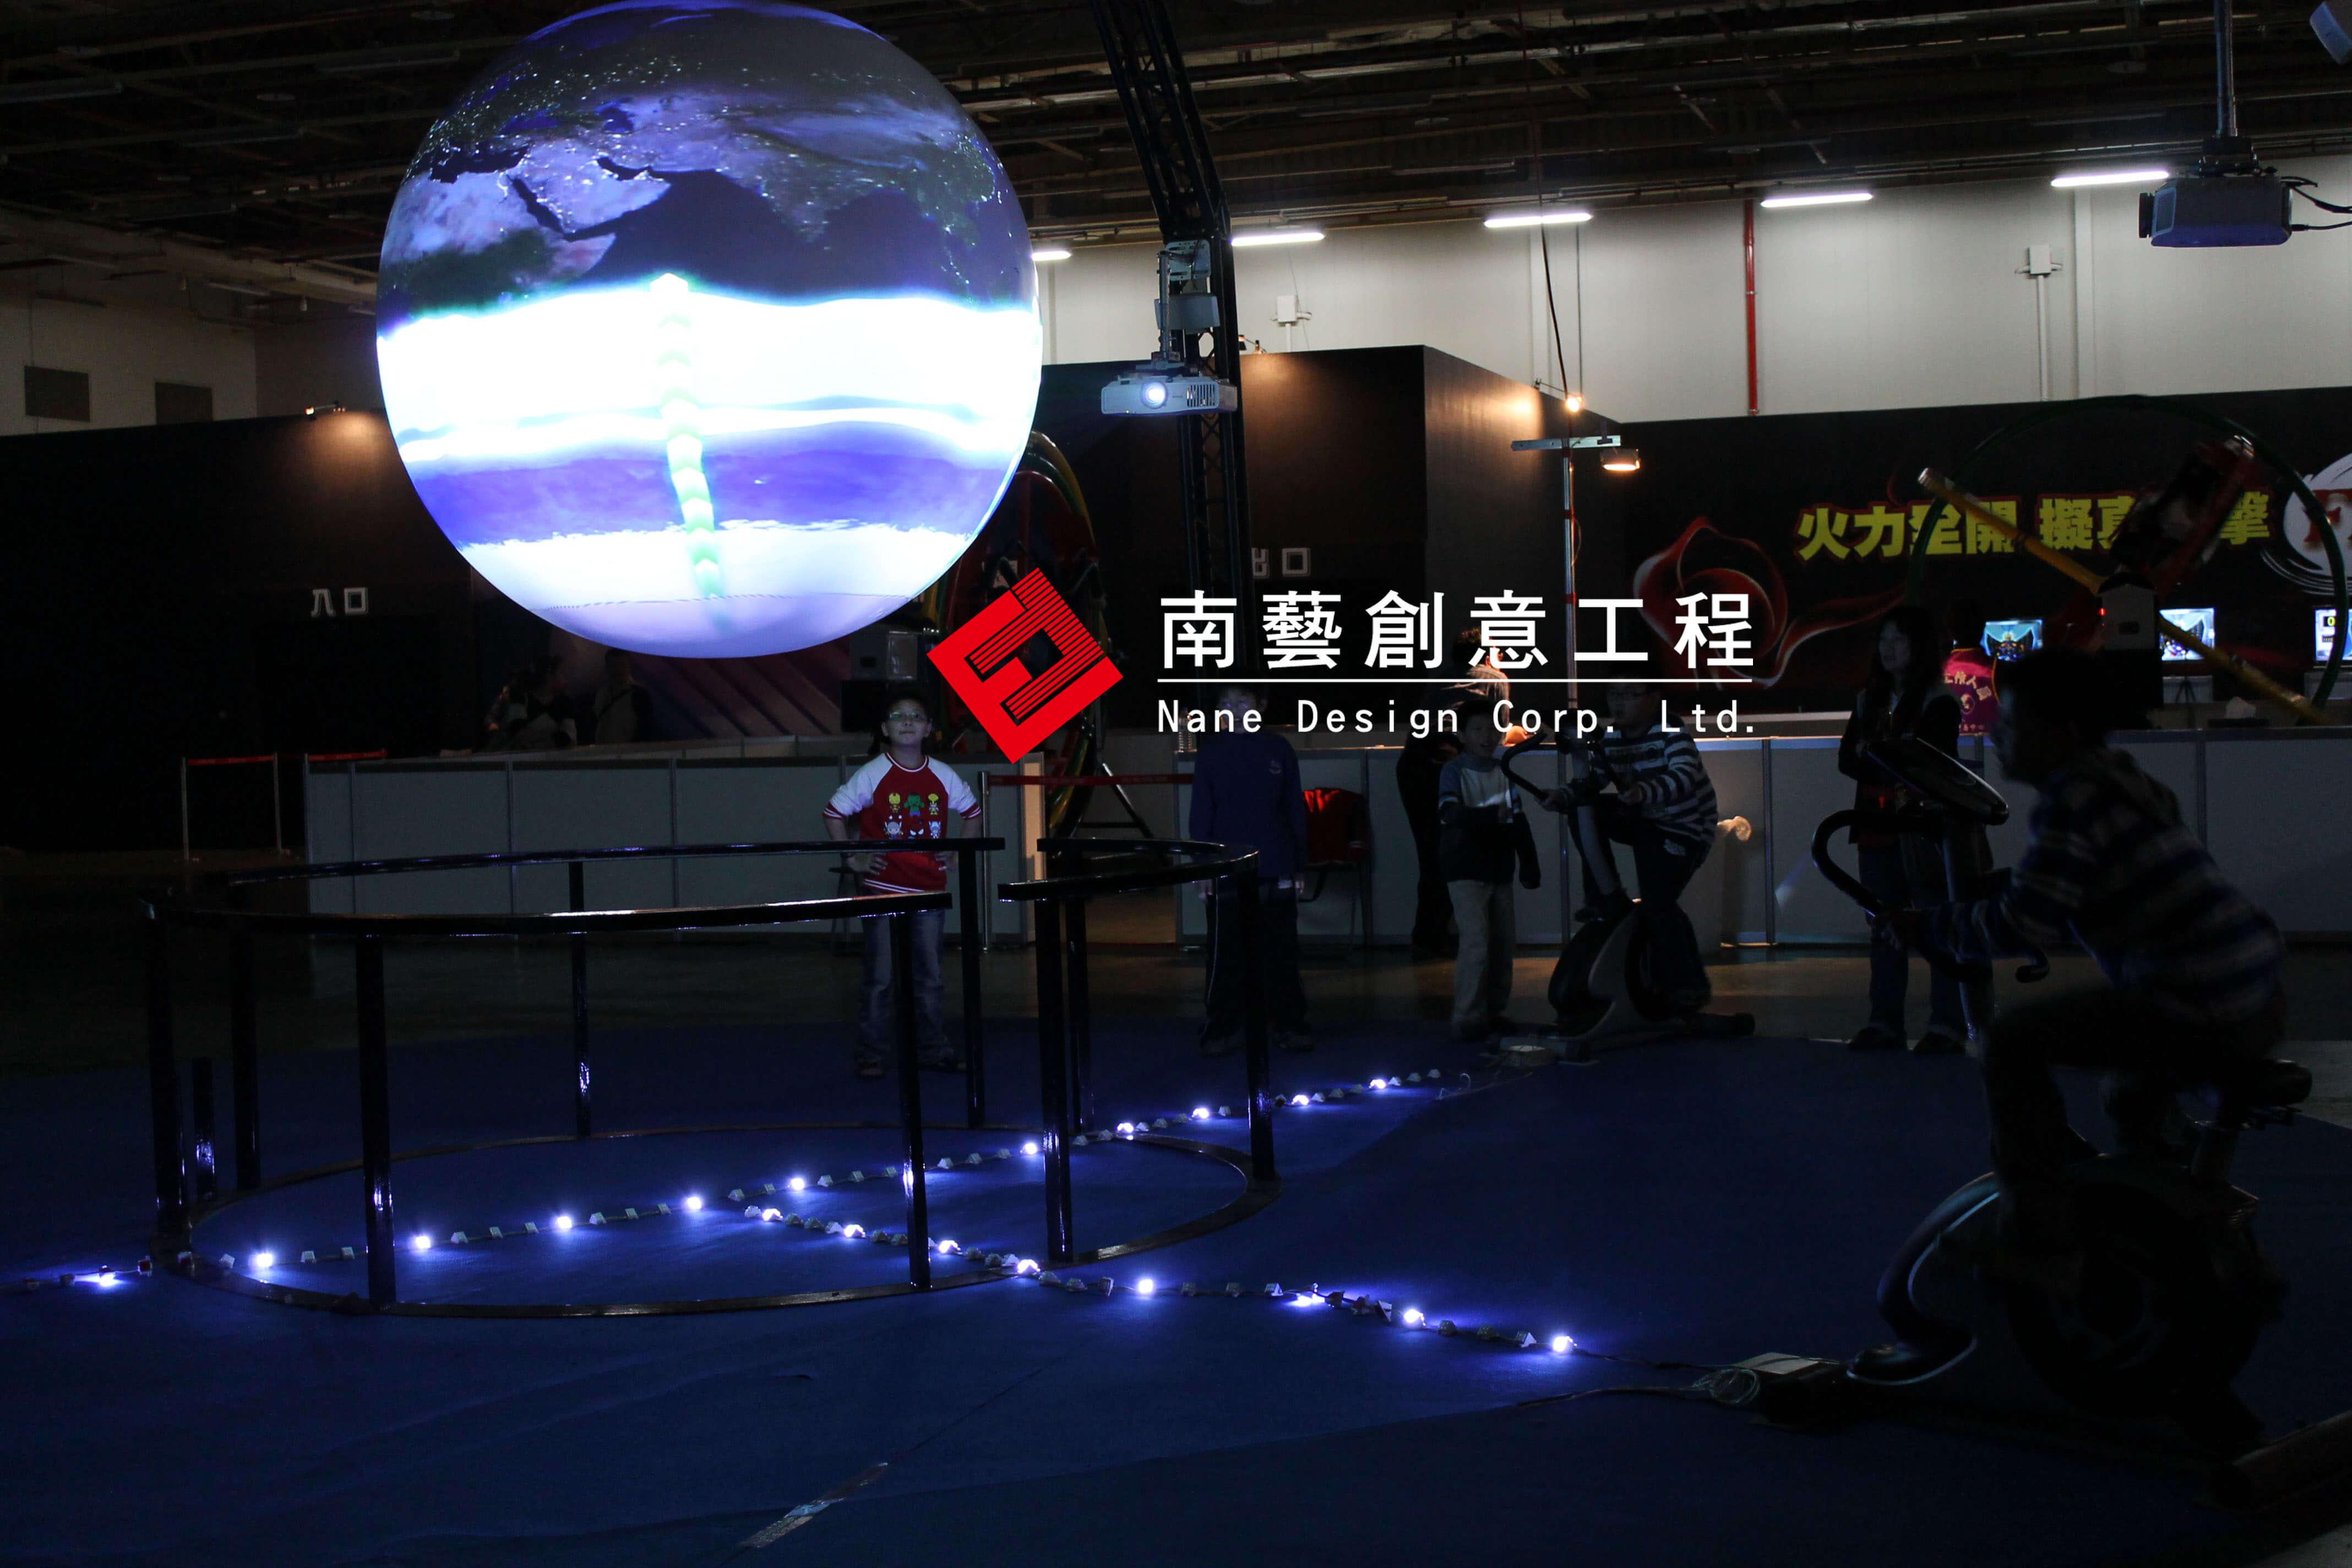 台中世貿展-4D體感電玩科幻世界_台中世貿展_台中世貿展_4D體感_電玩